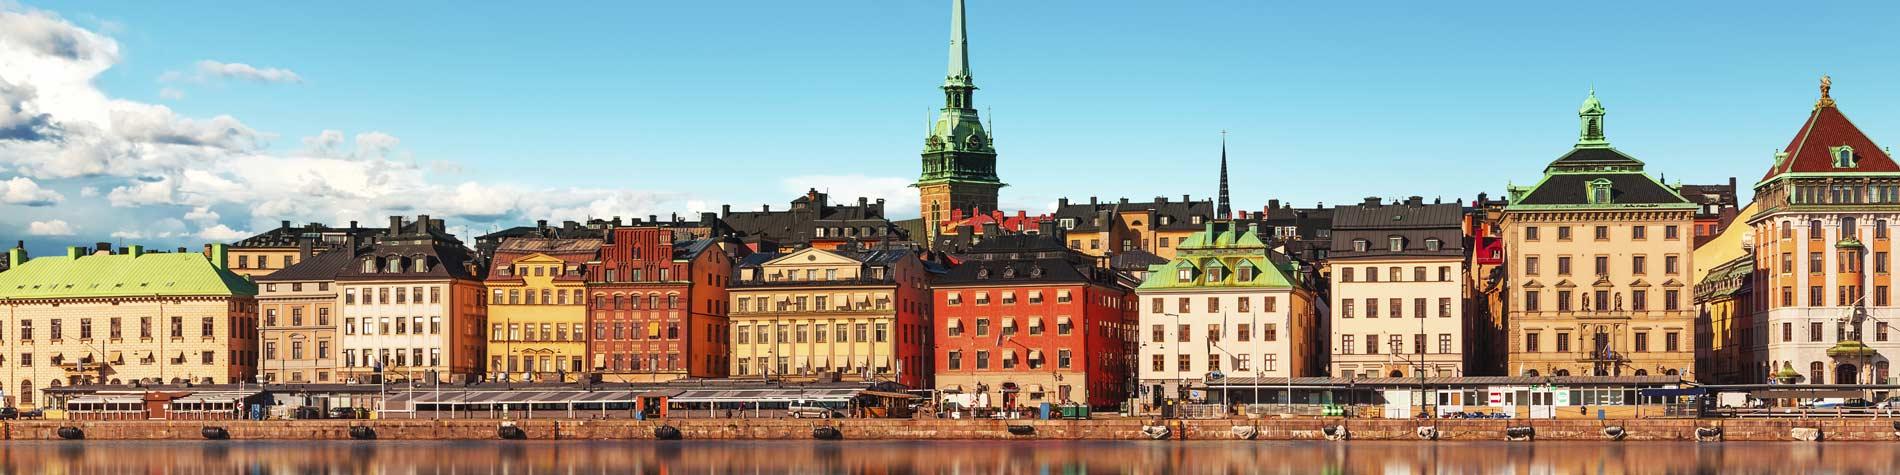 flyg stockholm strasbourg